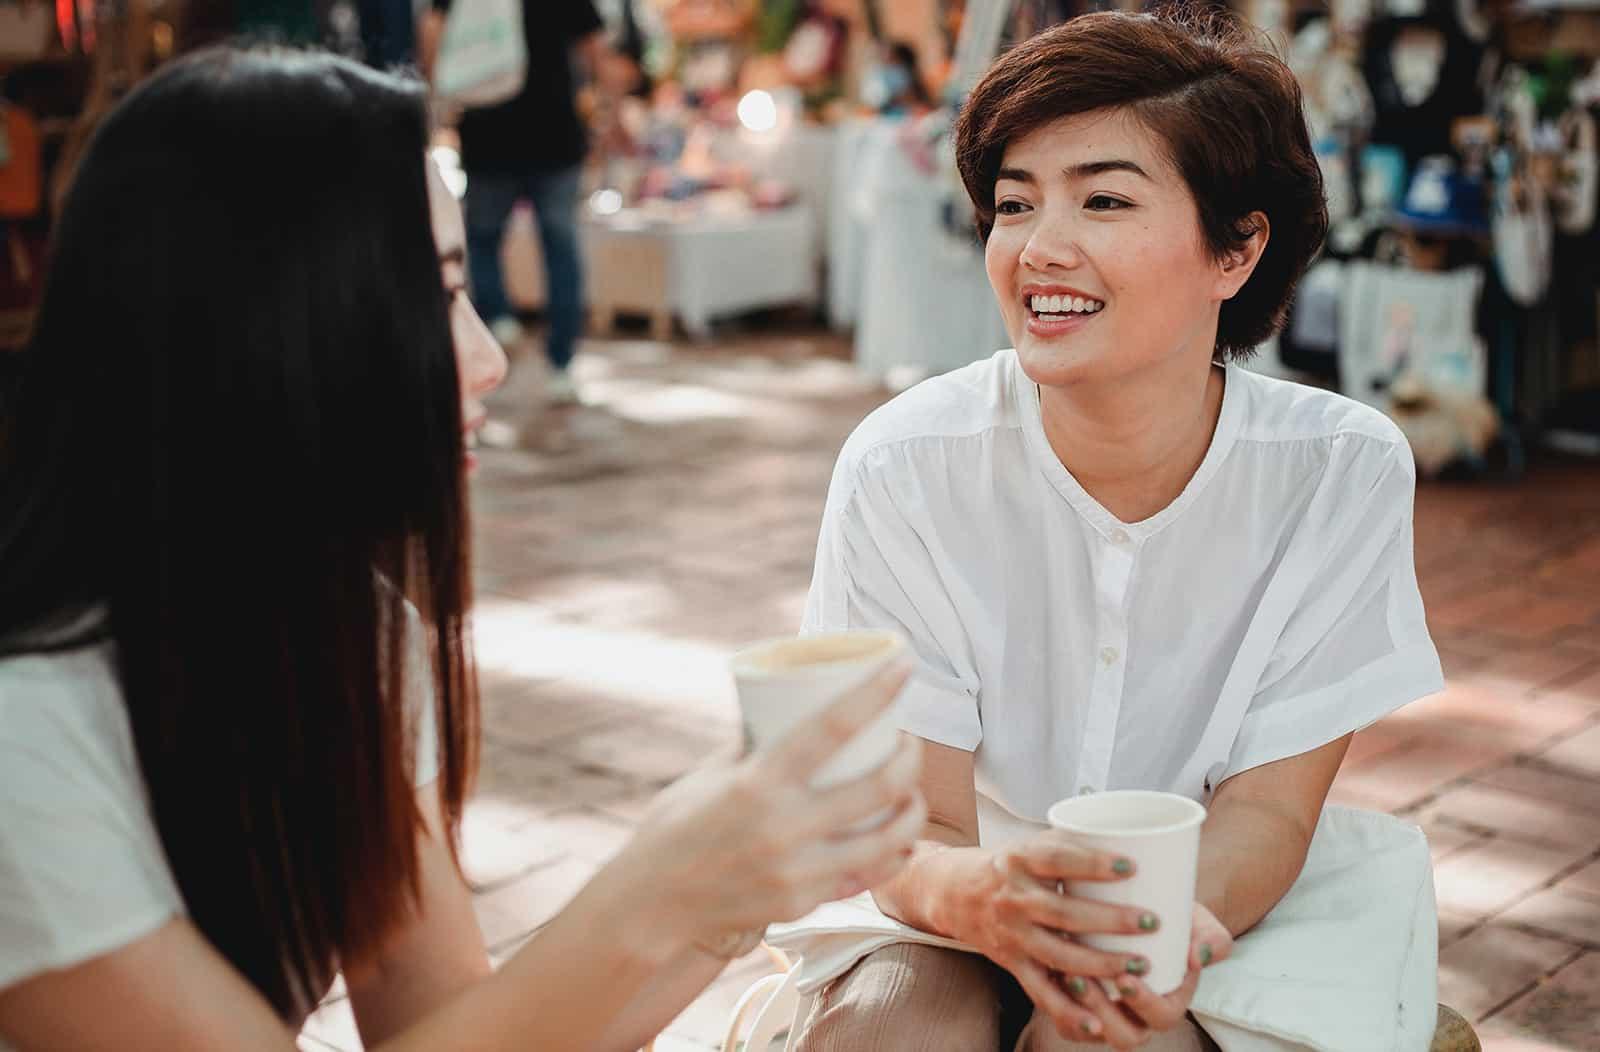 zwei Freundinnen unterhalten sich auf der Straße und trinken zusammen Kaffee